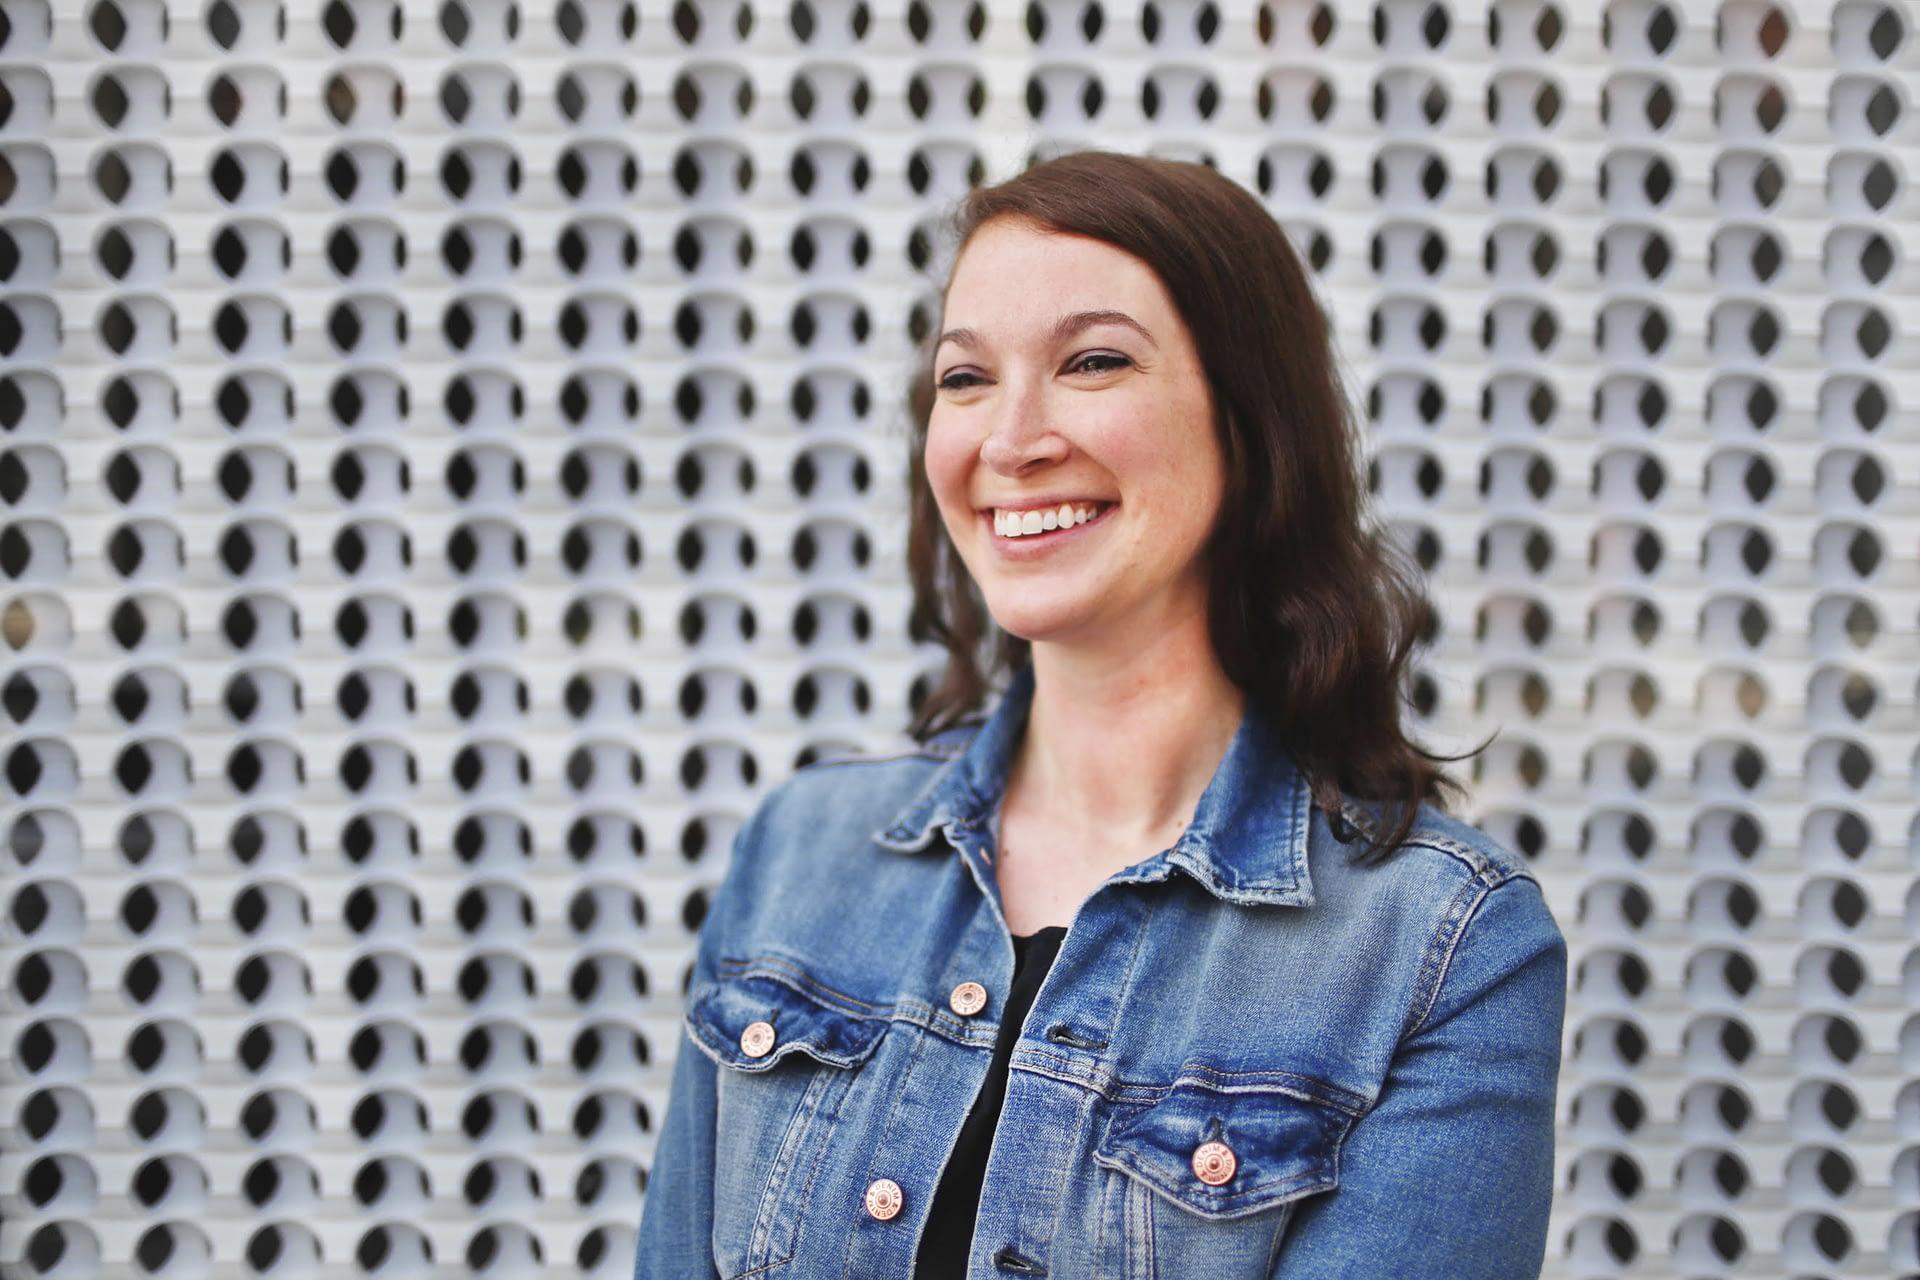 Stephanie Drace, Production Artist